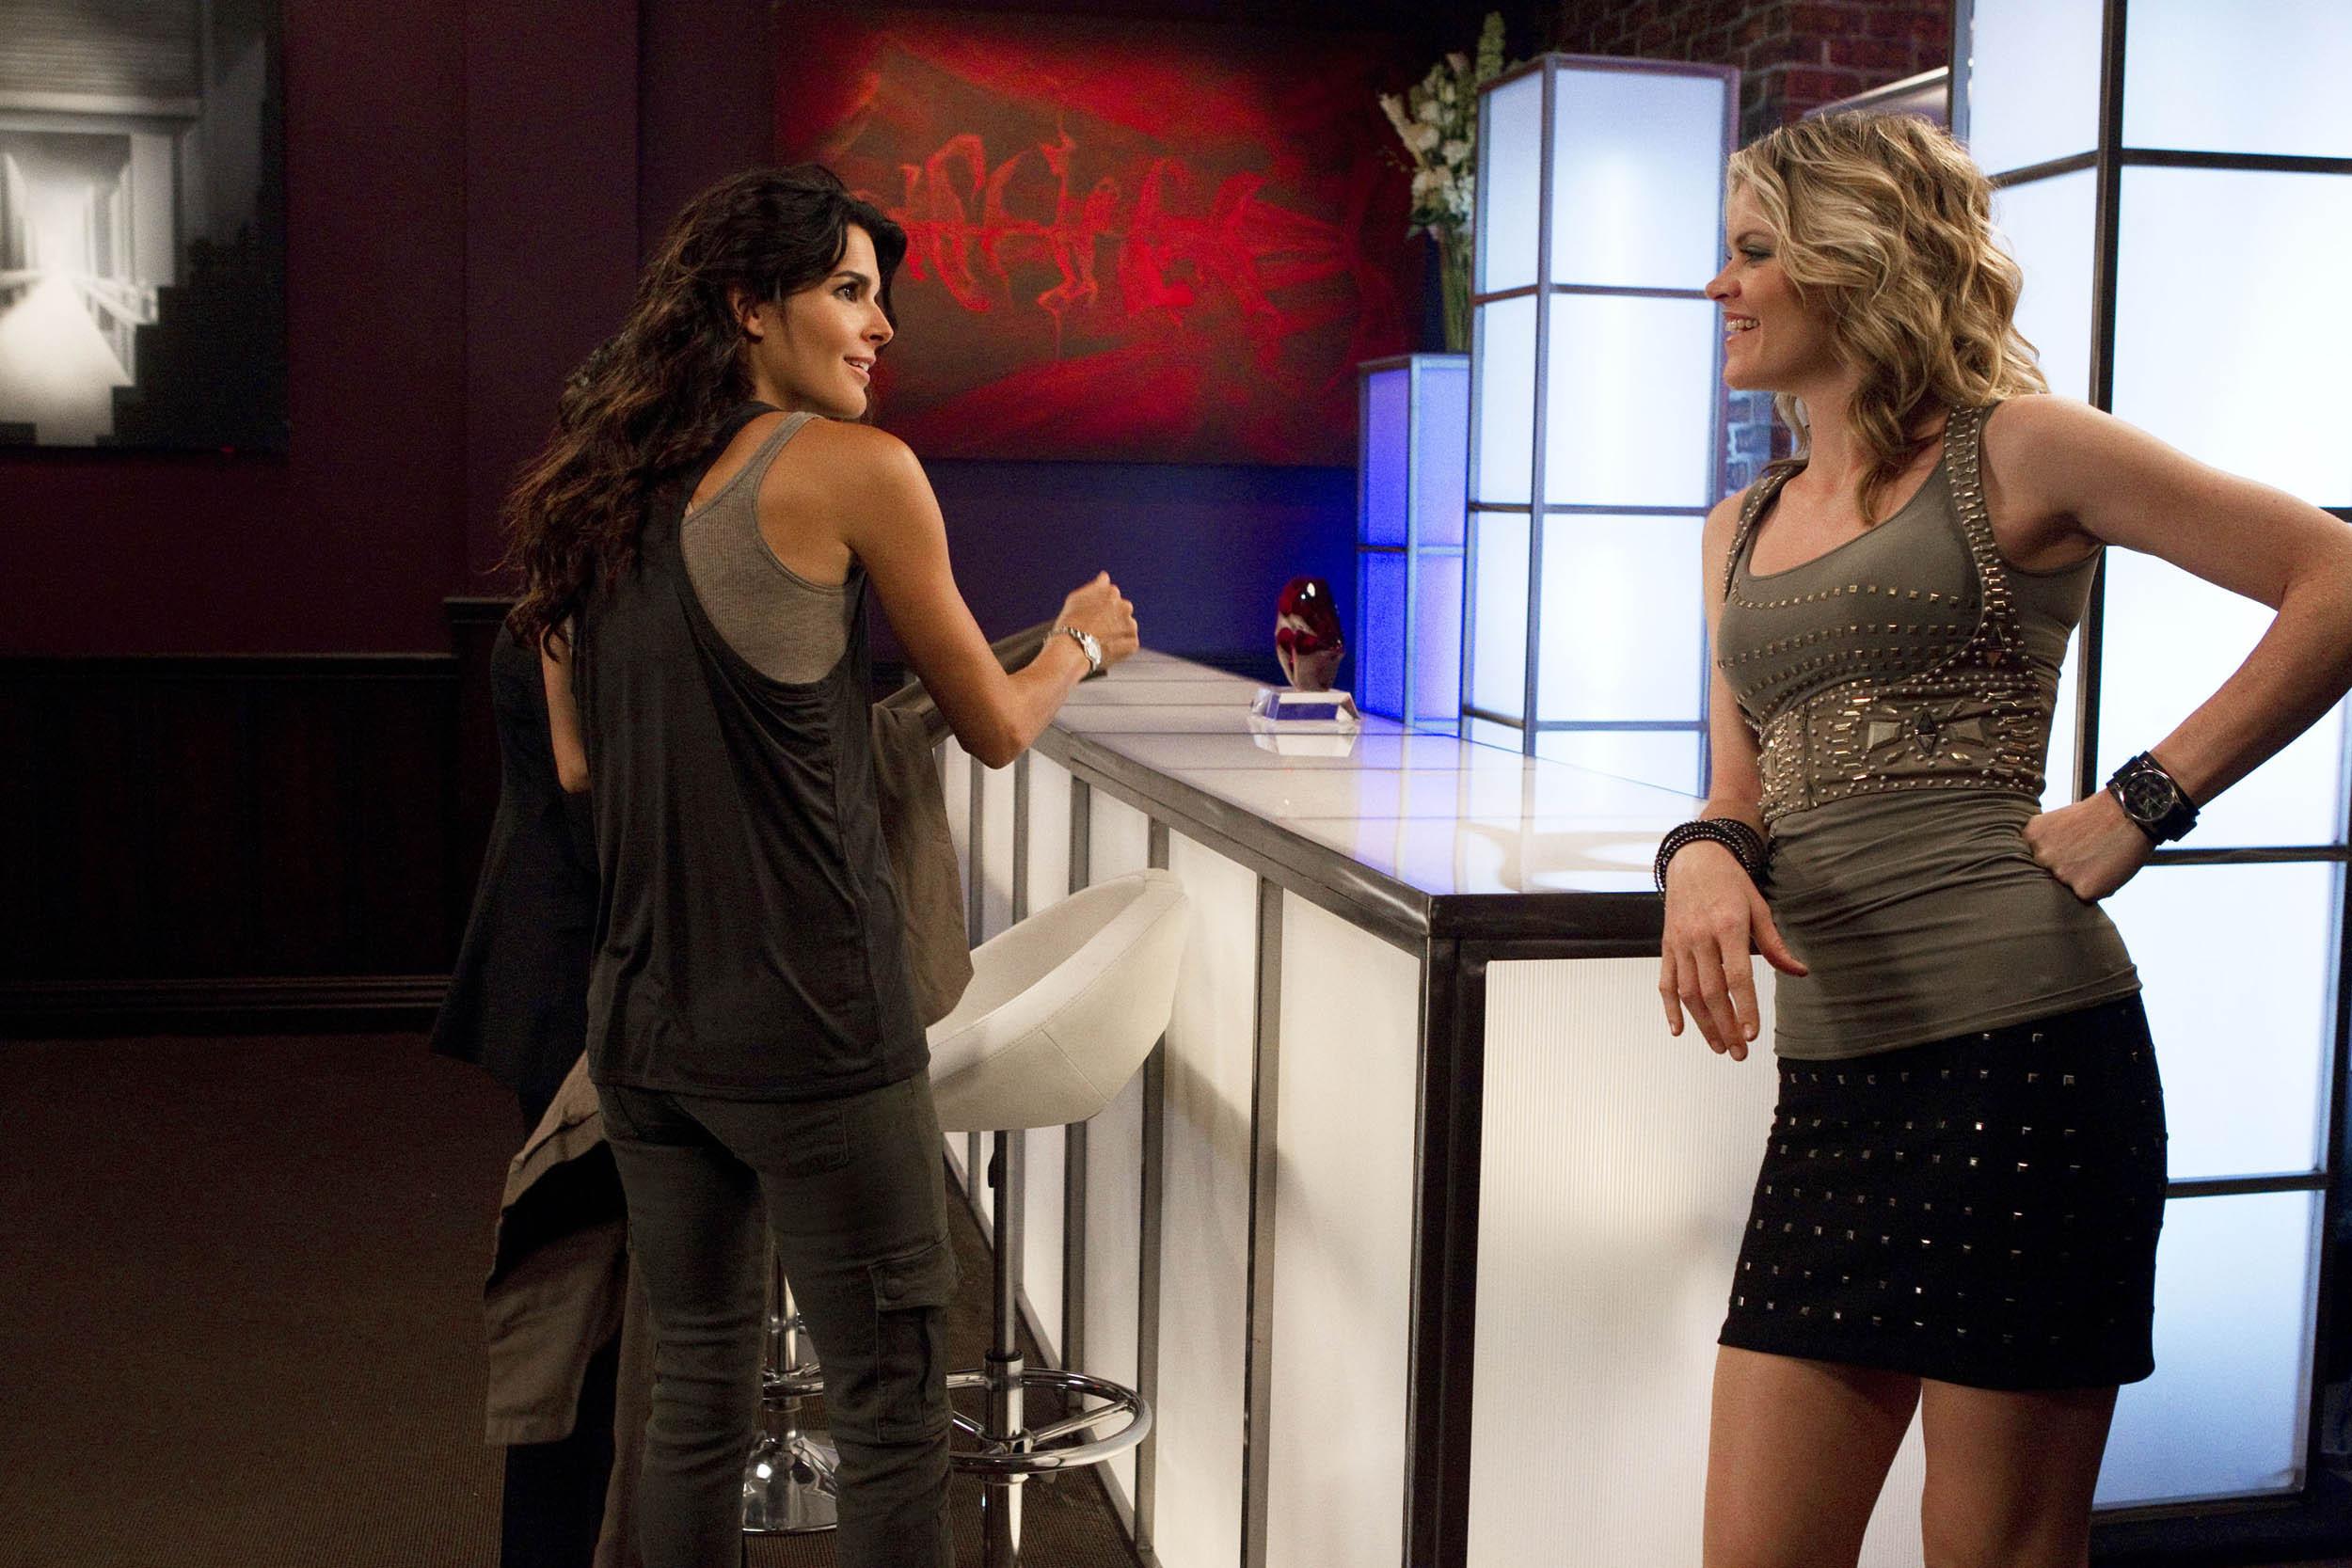 Rizzoli&Isles 1x06 - I Kissed A Girl stills